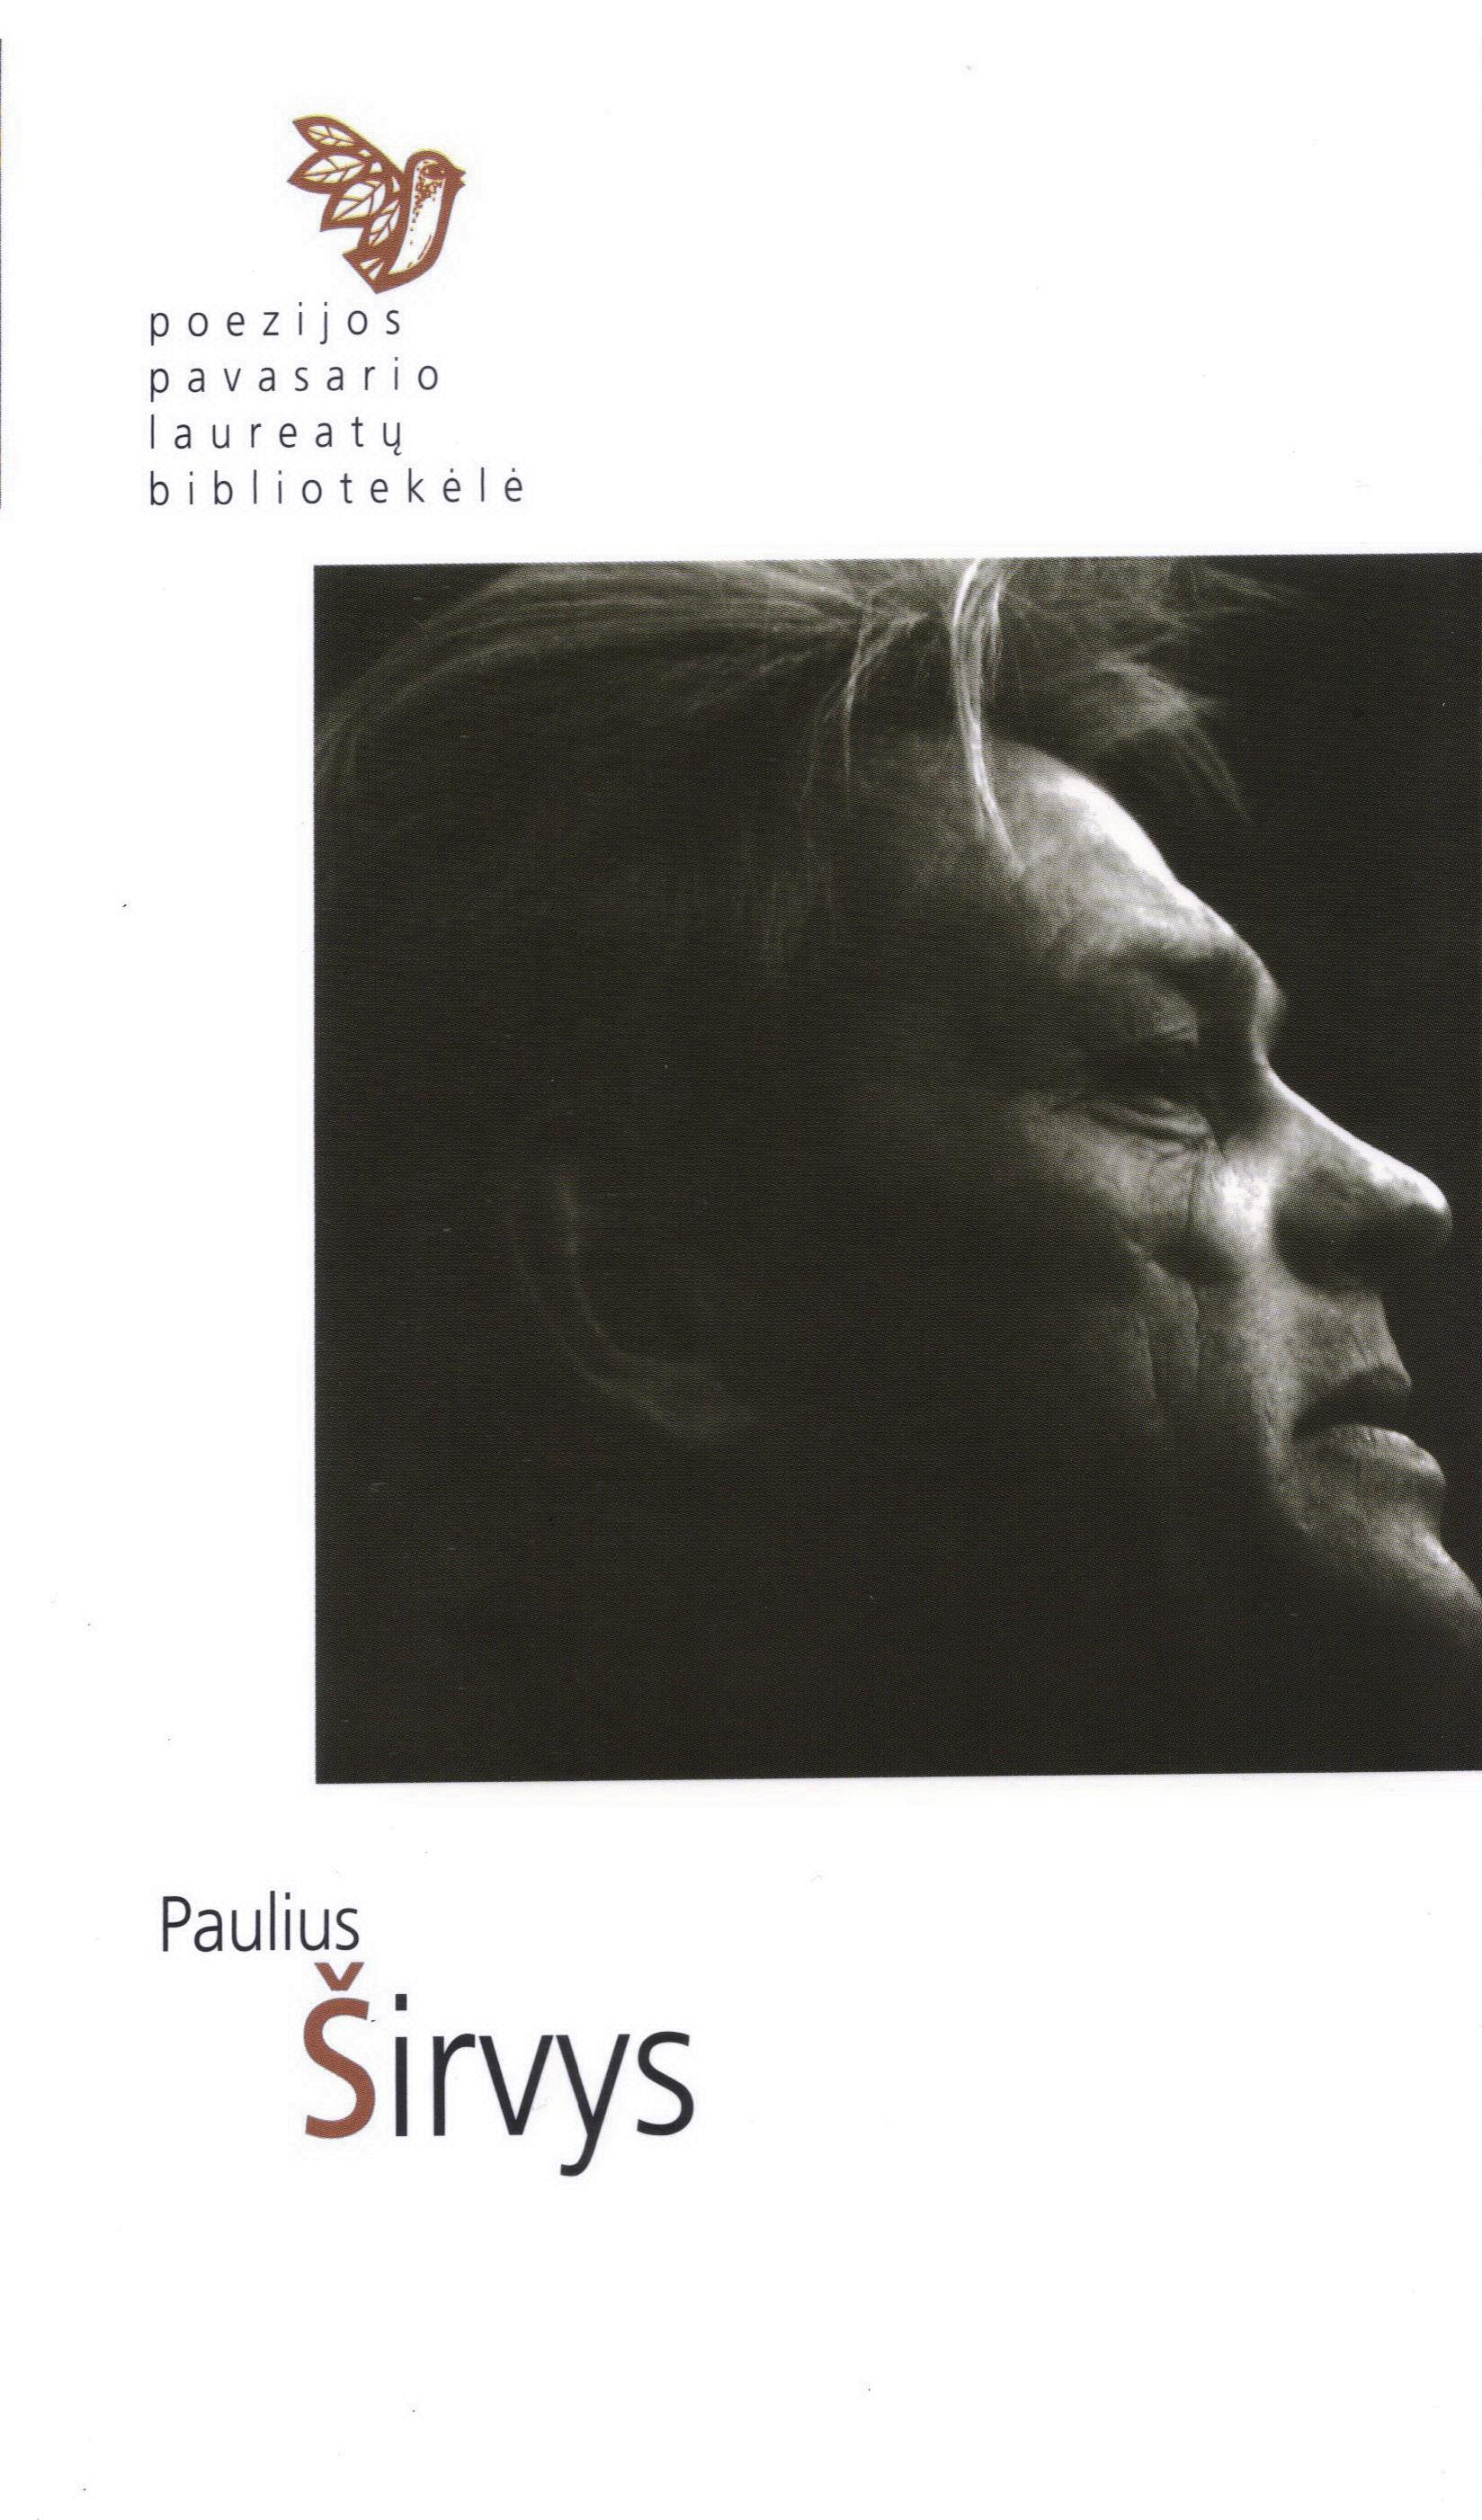 Poezijos pavasario laureatų bibliotekėlė. Paulius Širvys: eilėraščiai. (Kaunas: Naujasis lankas: Kauno meno kūrėjų asociacija, 2018)